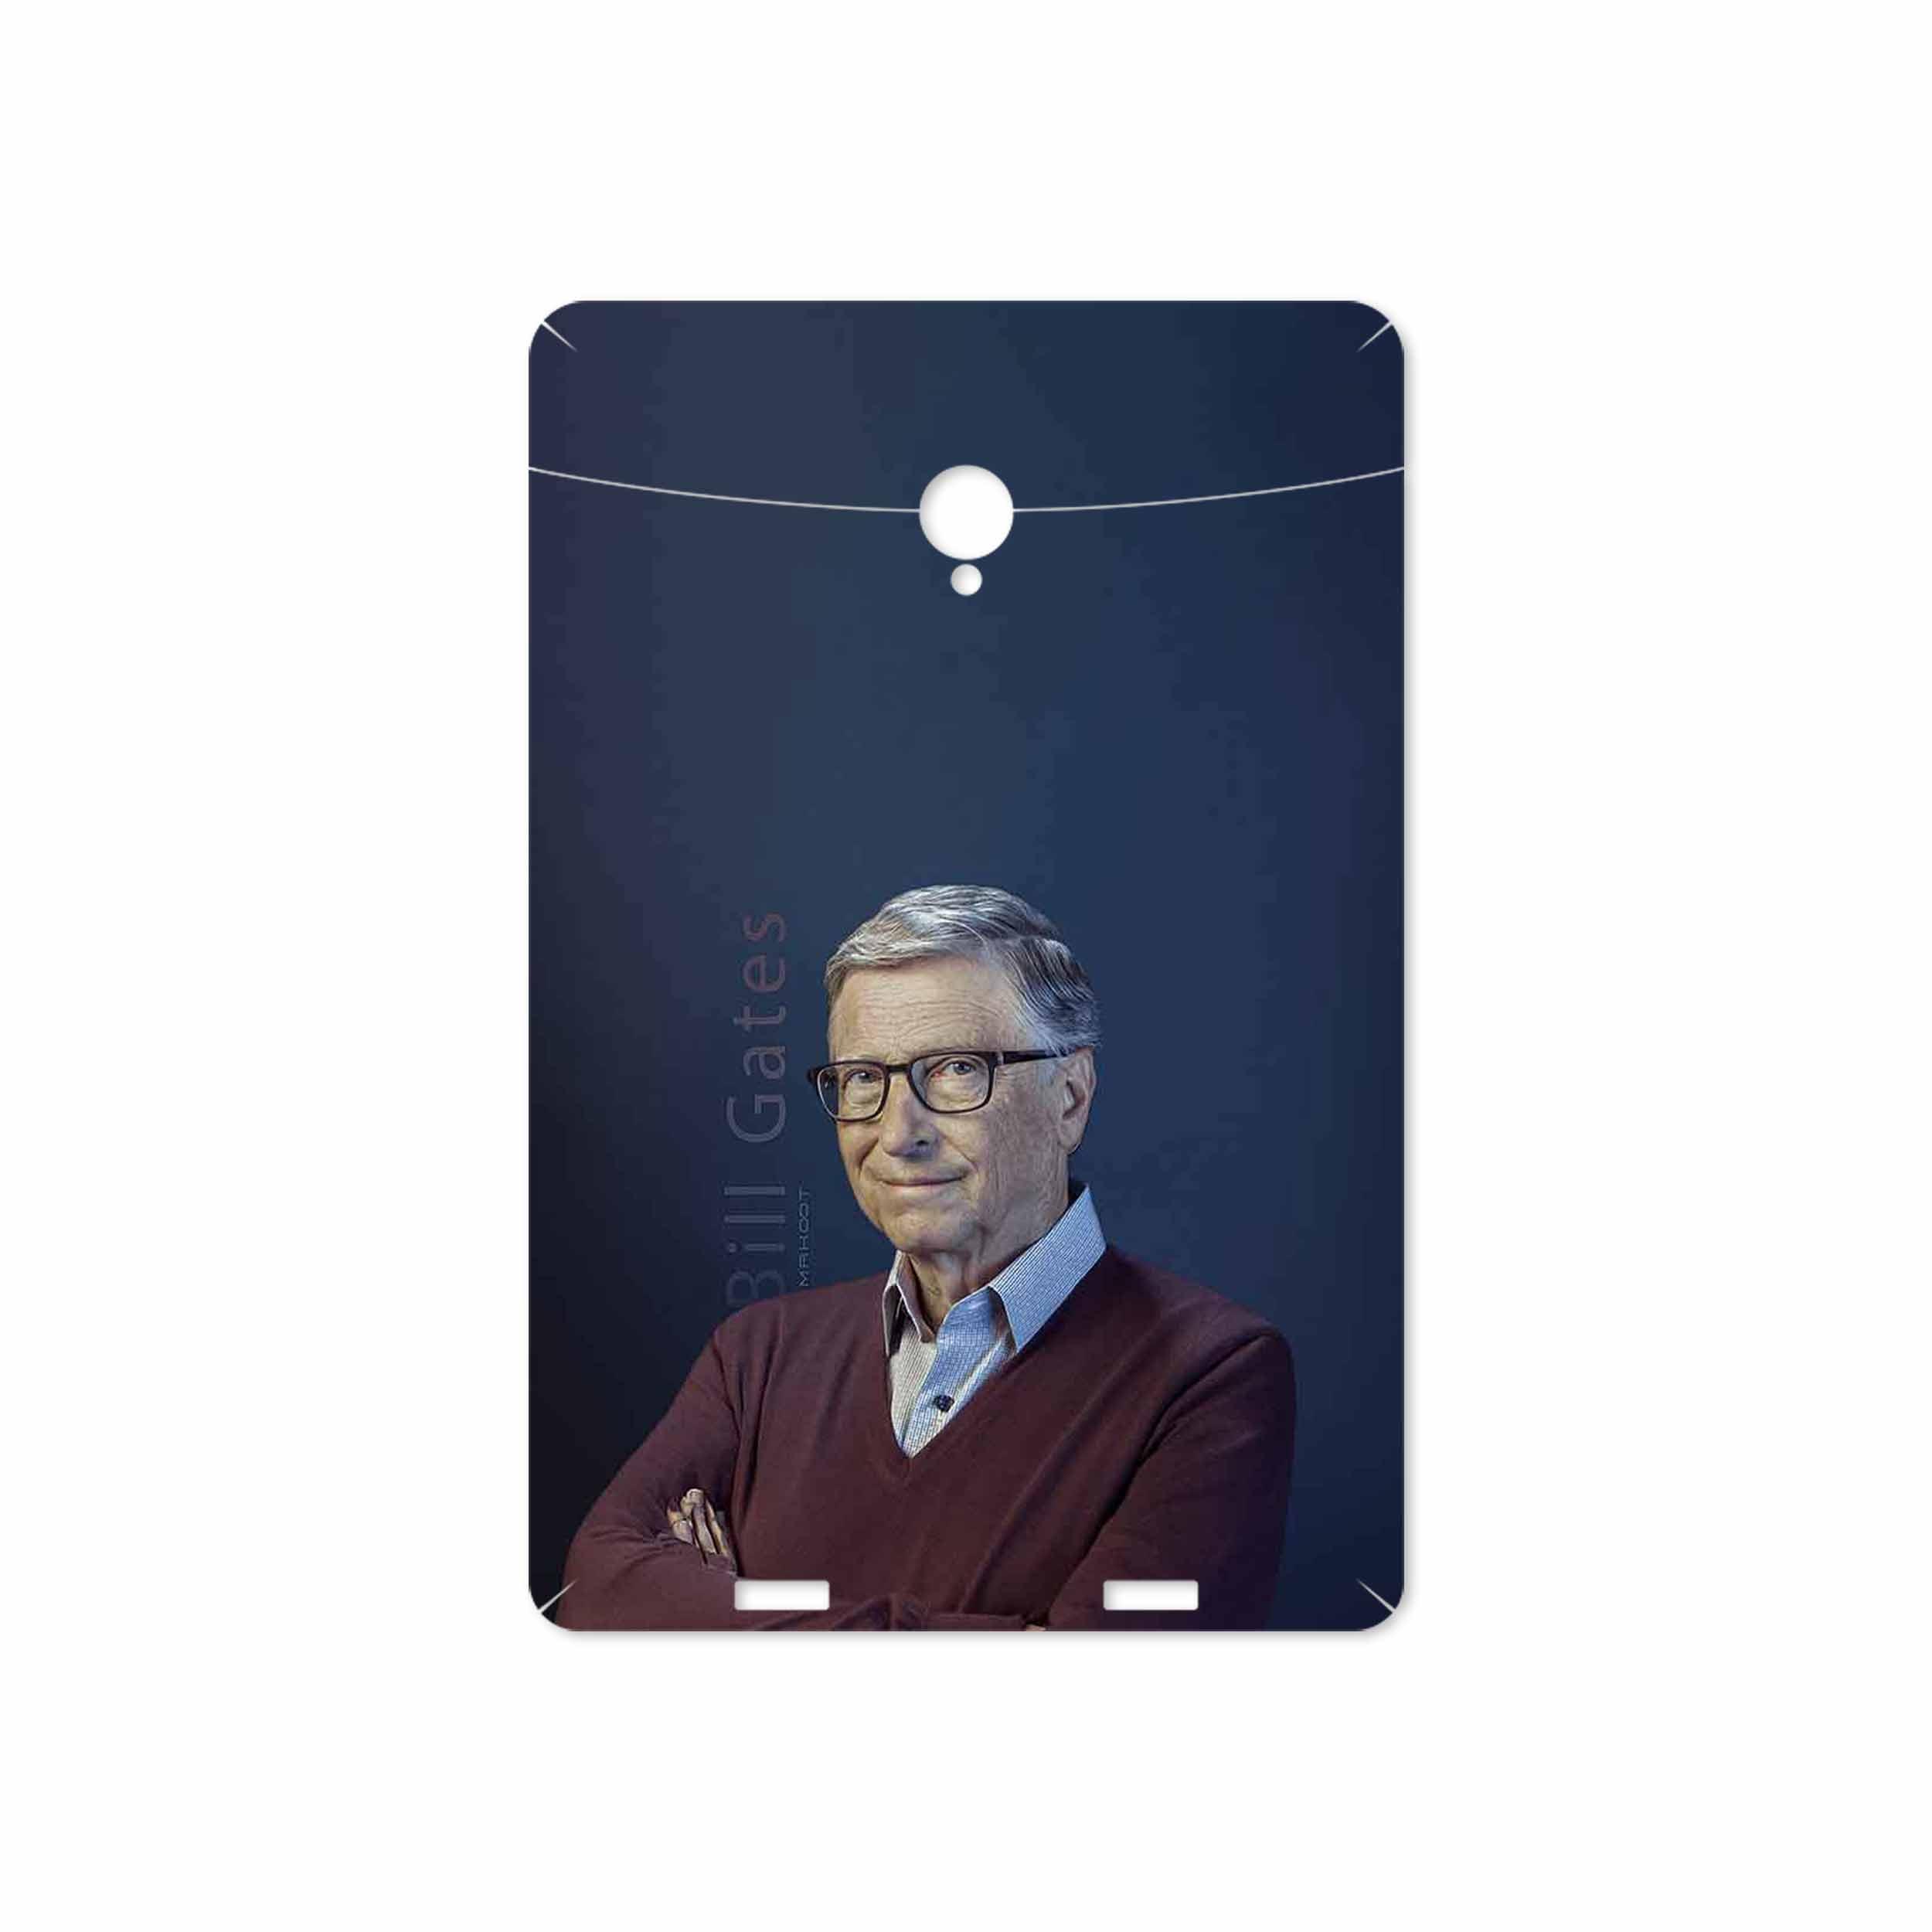 بررسی و خرید [با تخفیف]                                     برچسب پوششی ماهوت مدل Bill Gates مناسب برای تبلت وریکو Unipad                             اورجینال